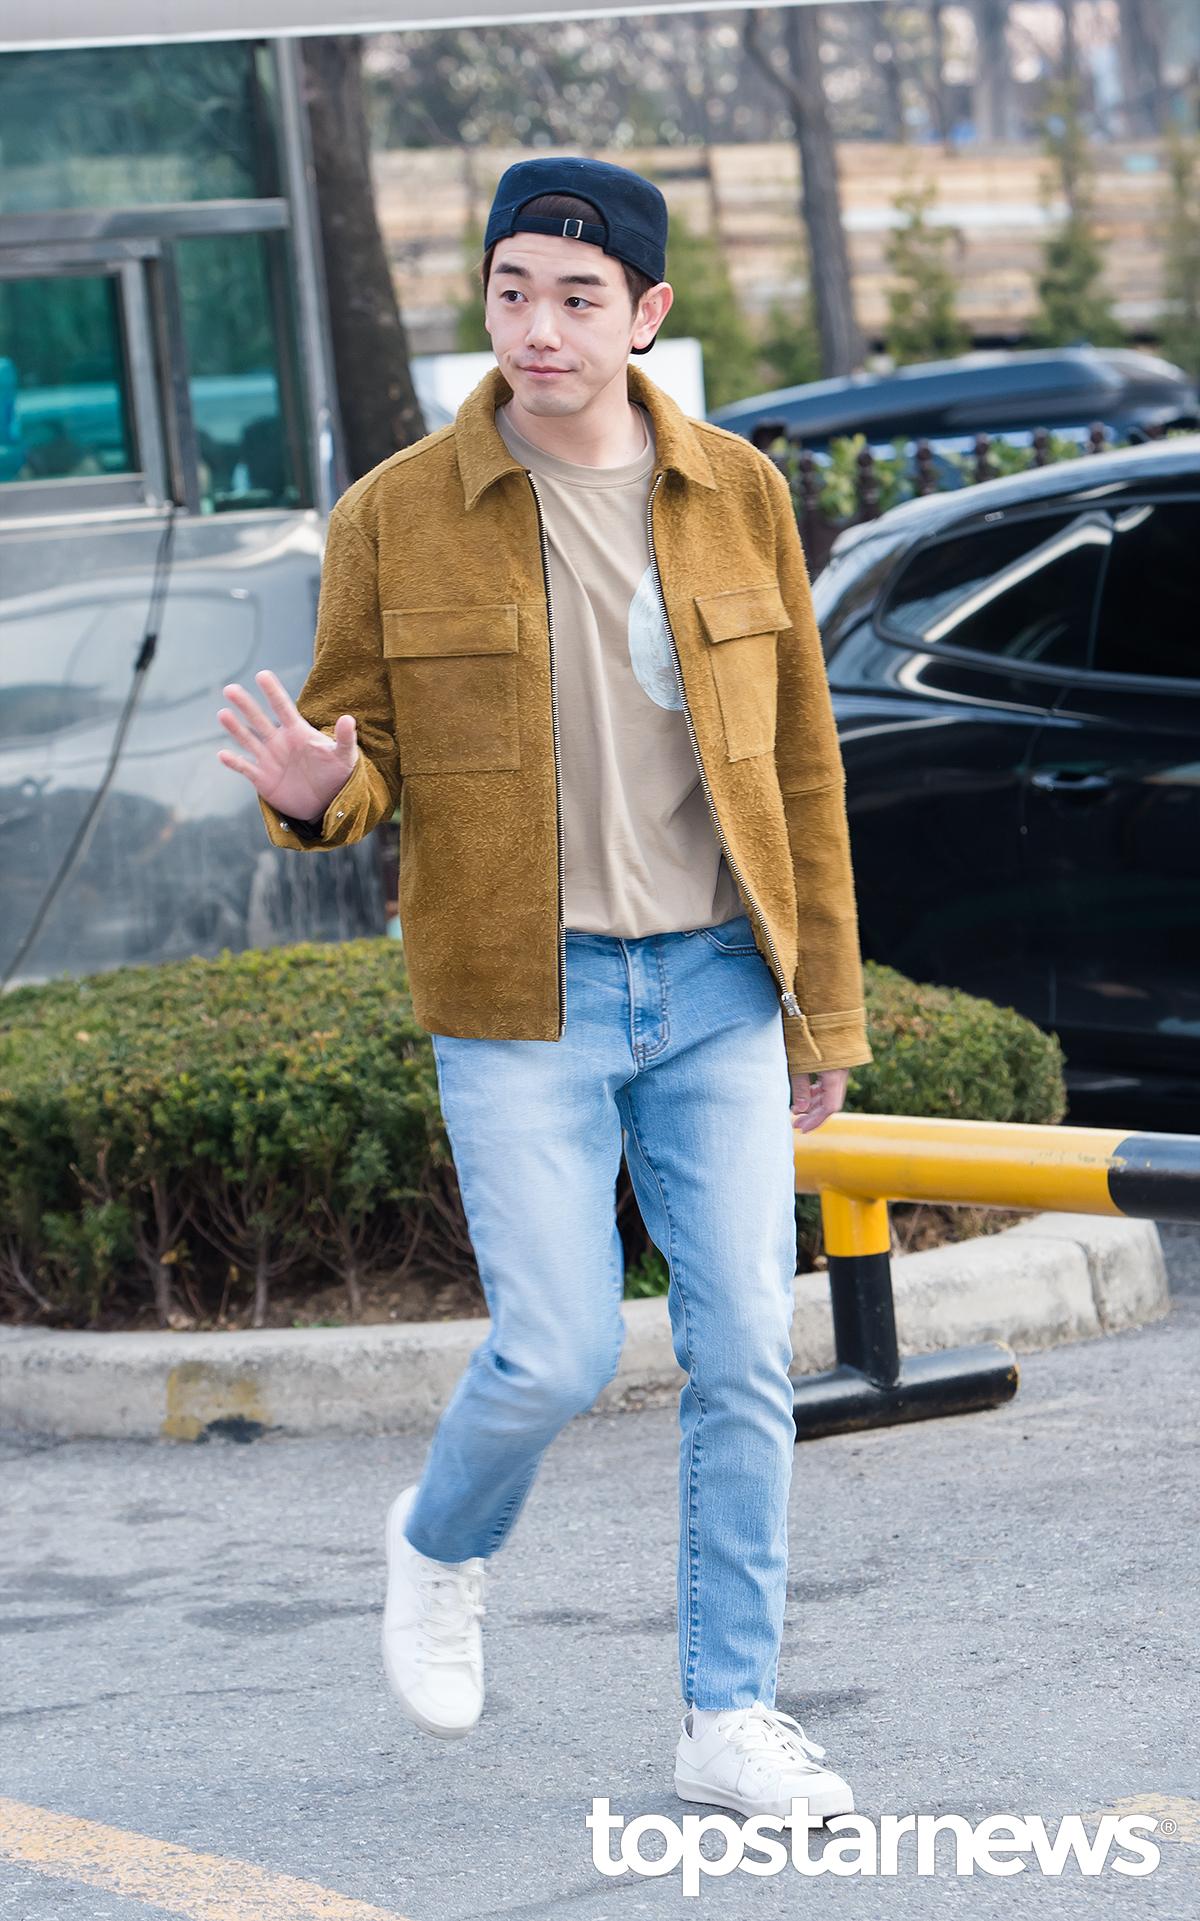 ▲ 復古款 說到復古款,Eric Nam 在上班路上簡單的造型搭配刷色復古直筒褲也給人舒適的時尚感!